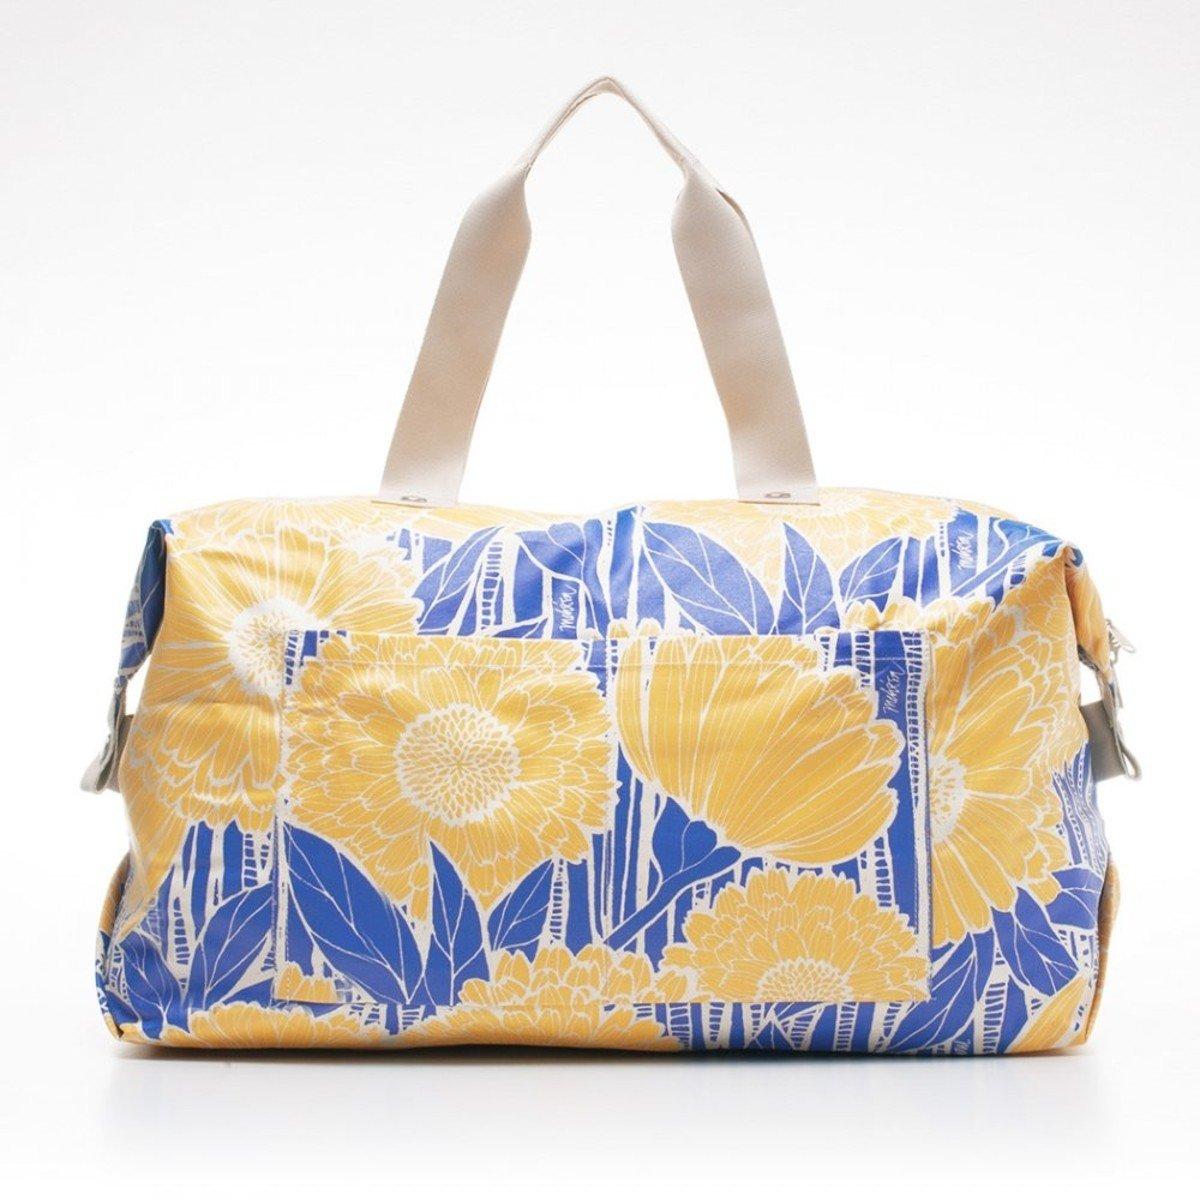 旅行袋 - Yellow Sunflower